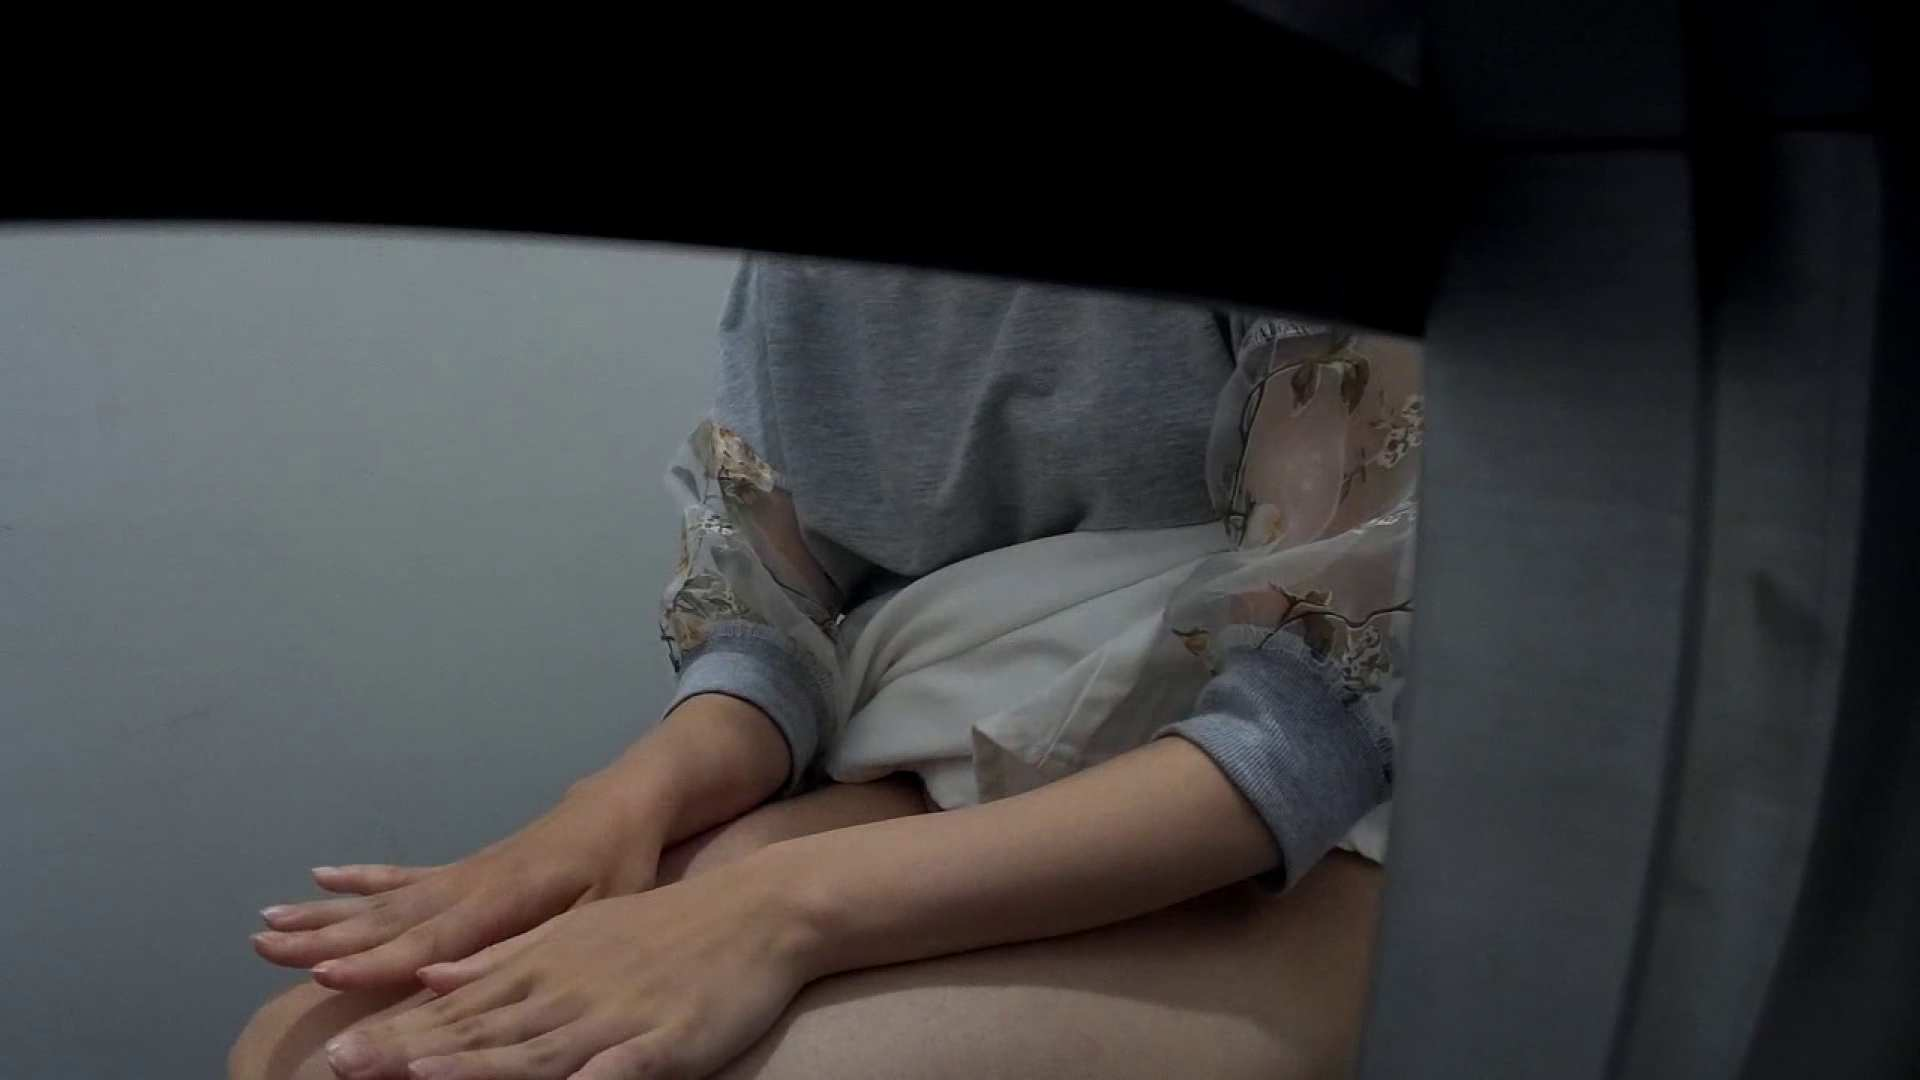 有名大学女性洗面所 vol.40 ??おまじない的な動きをする子がいます。 投稿物 | 排泄  22連発 1